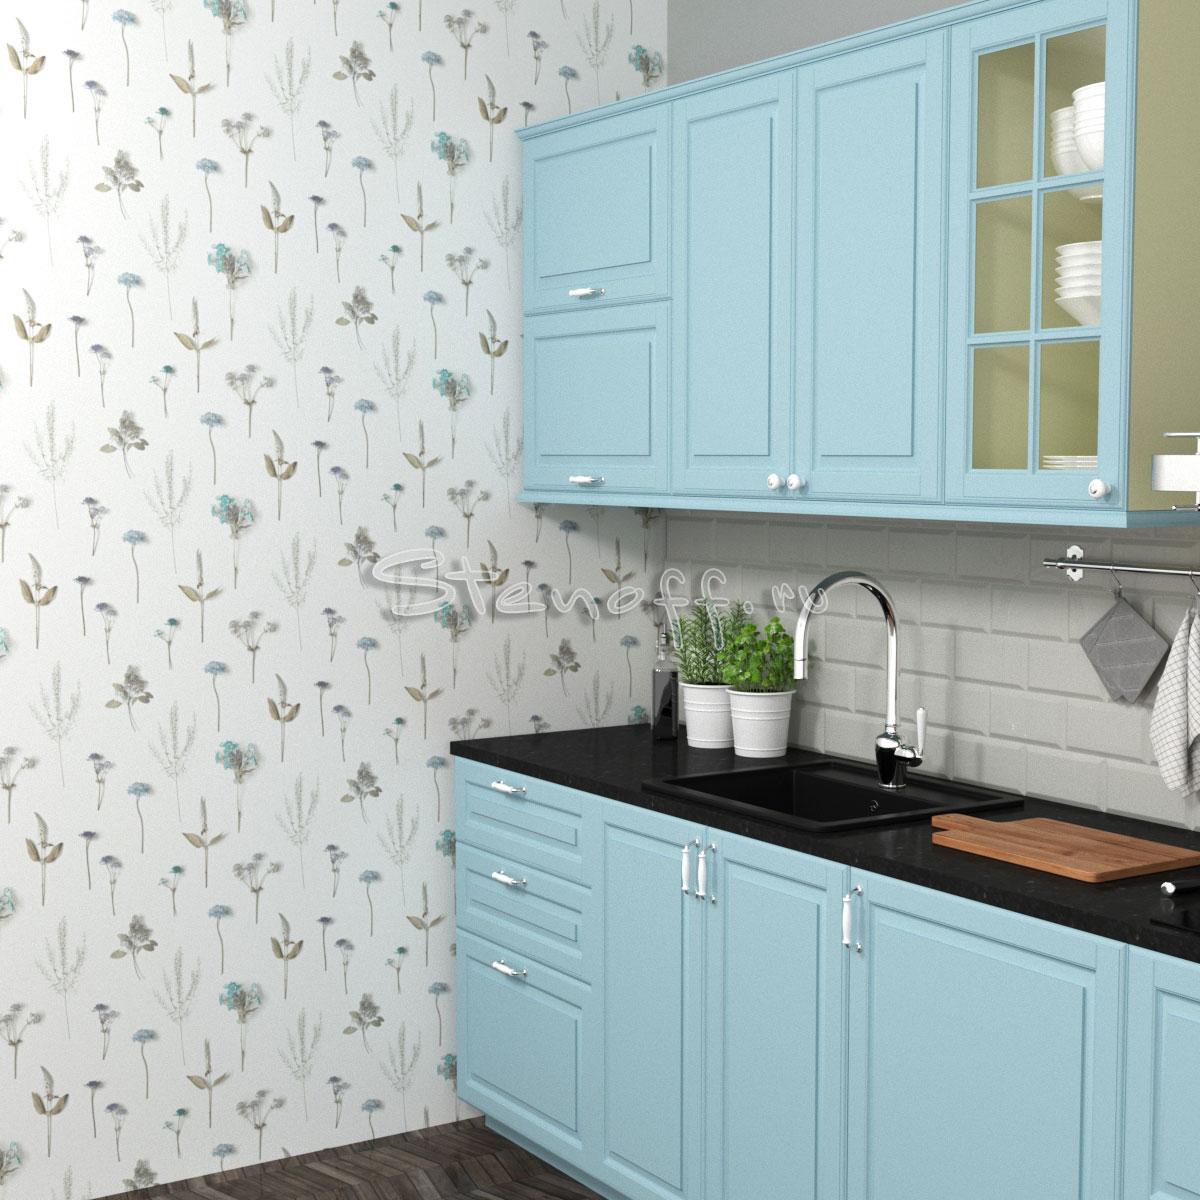 белые обои и голубая кухня